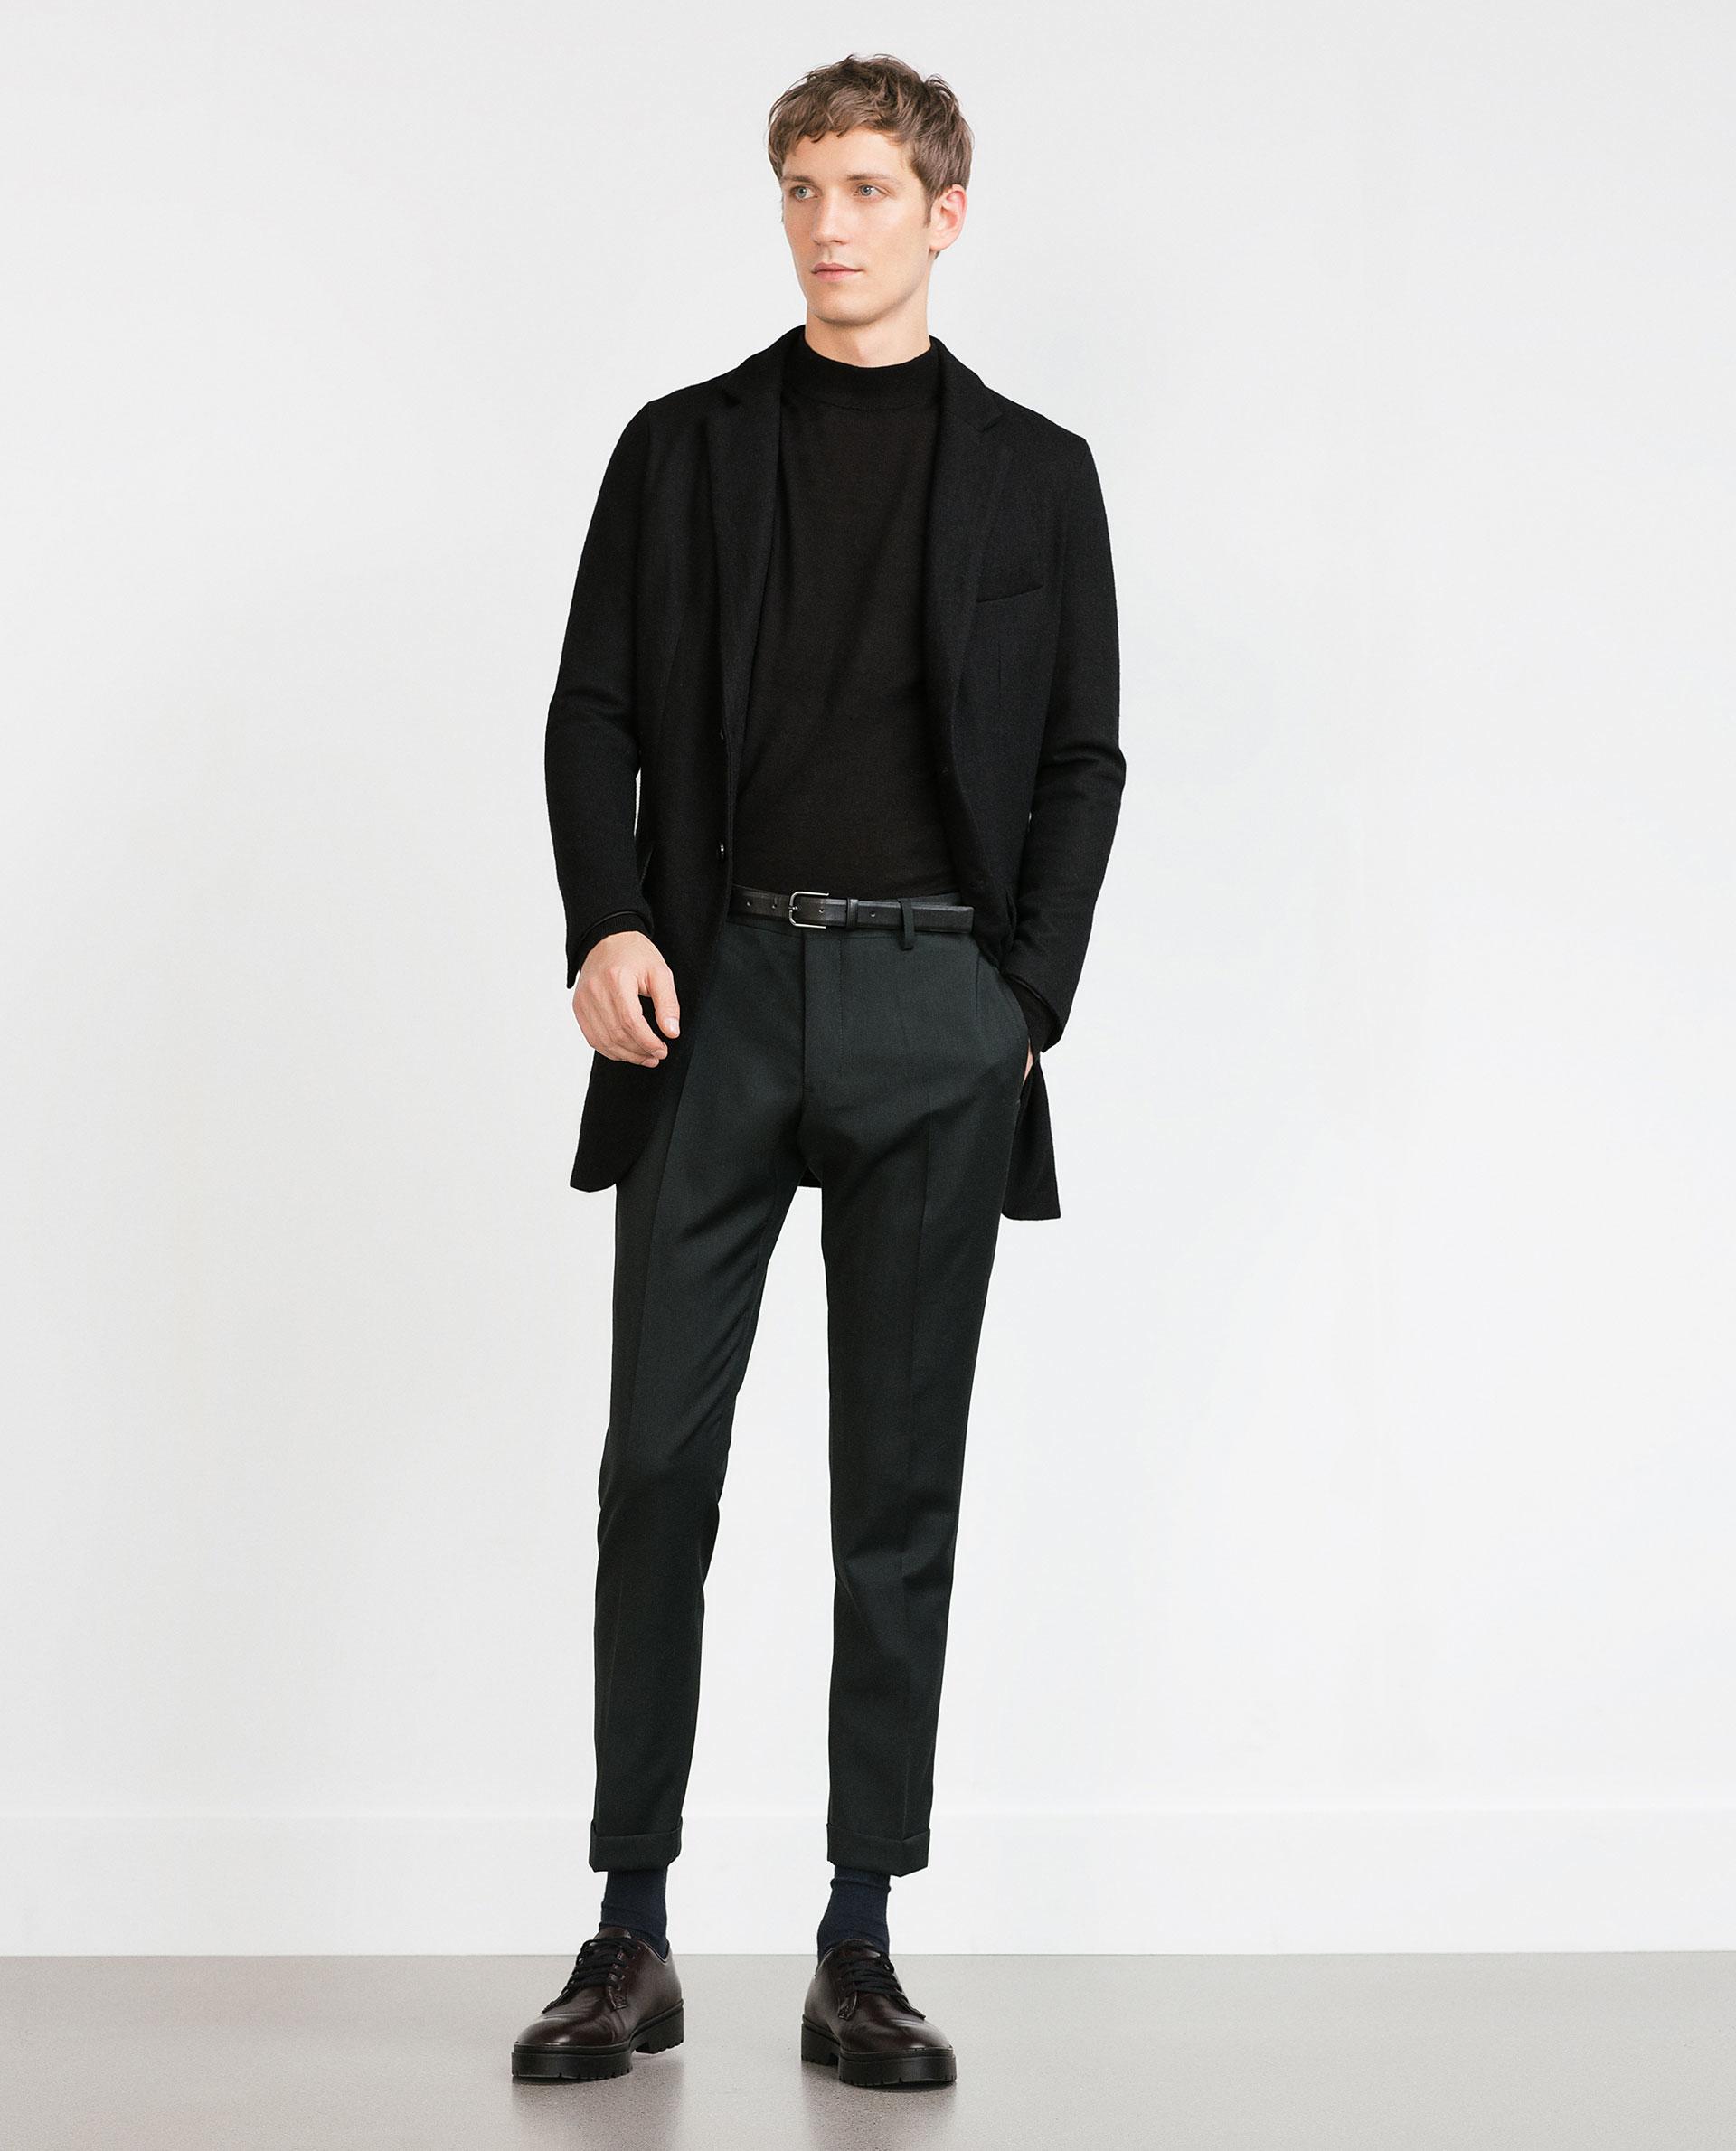 Zara Black High Neck Sweater 118